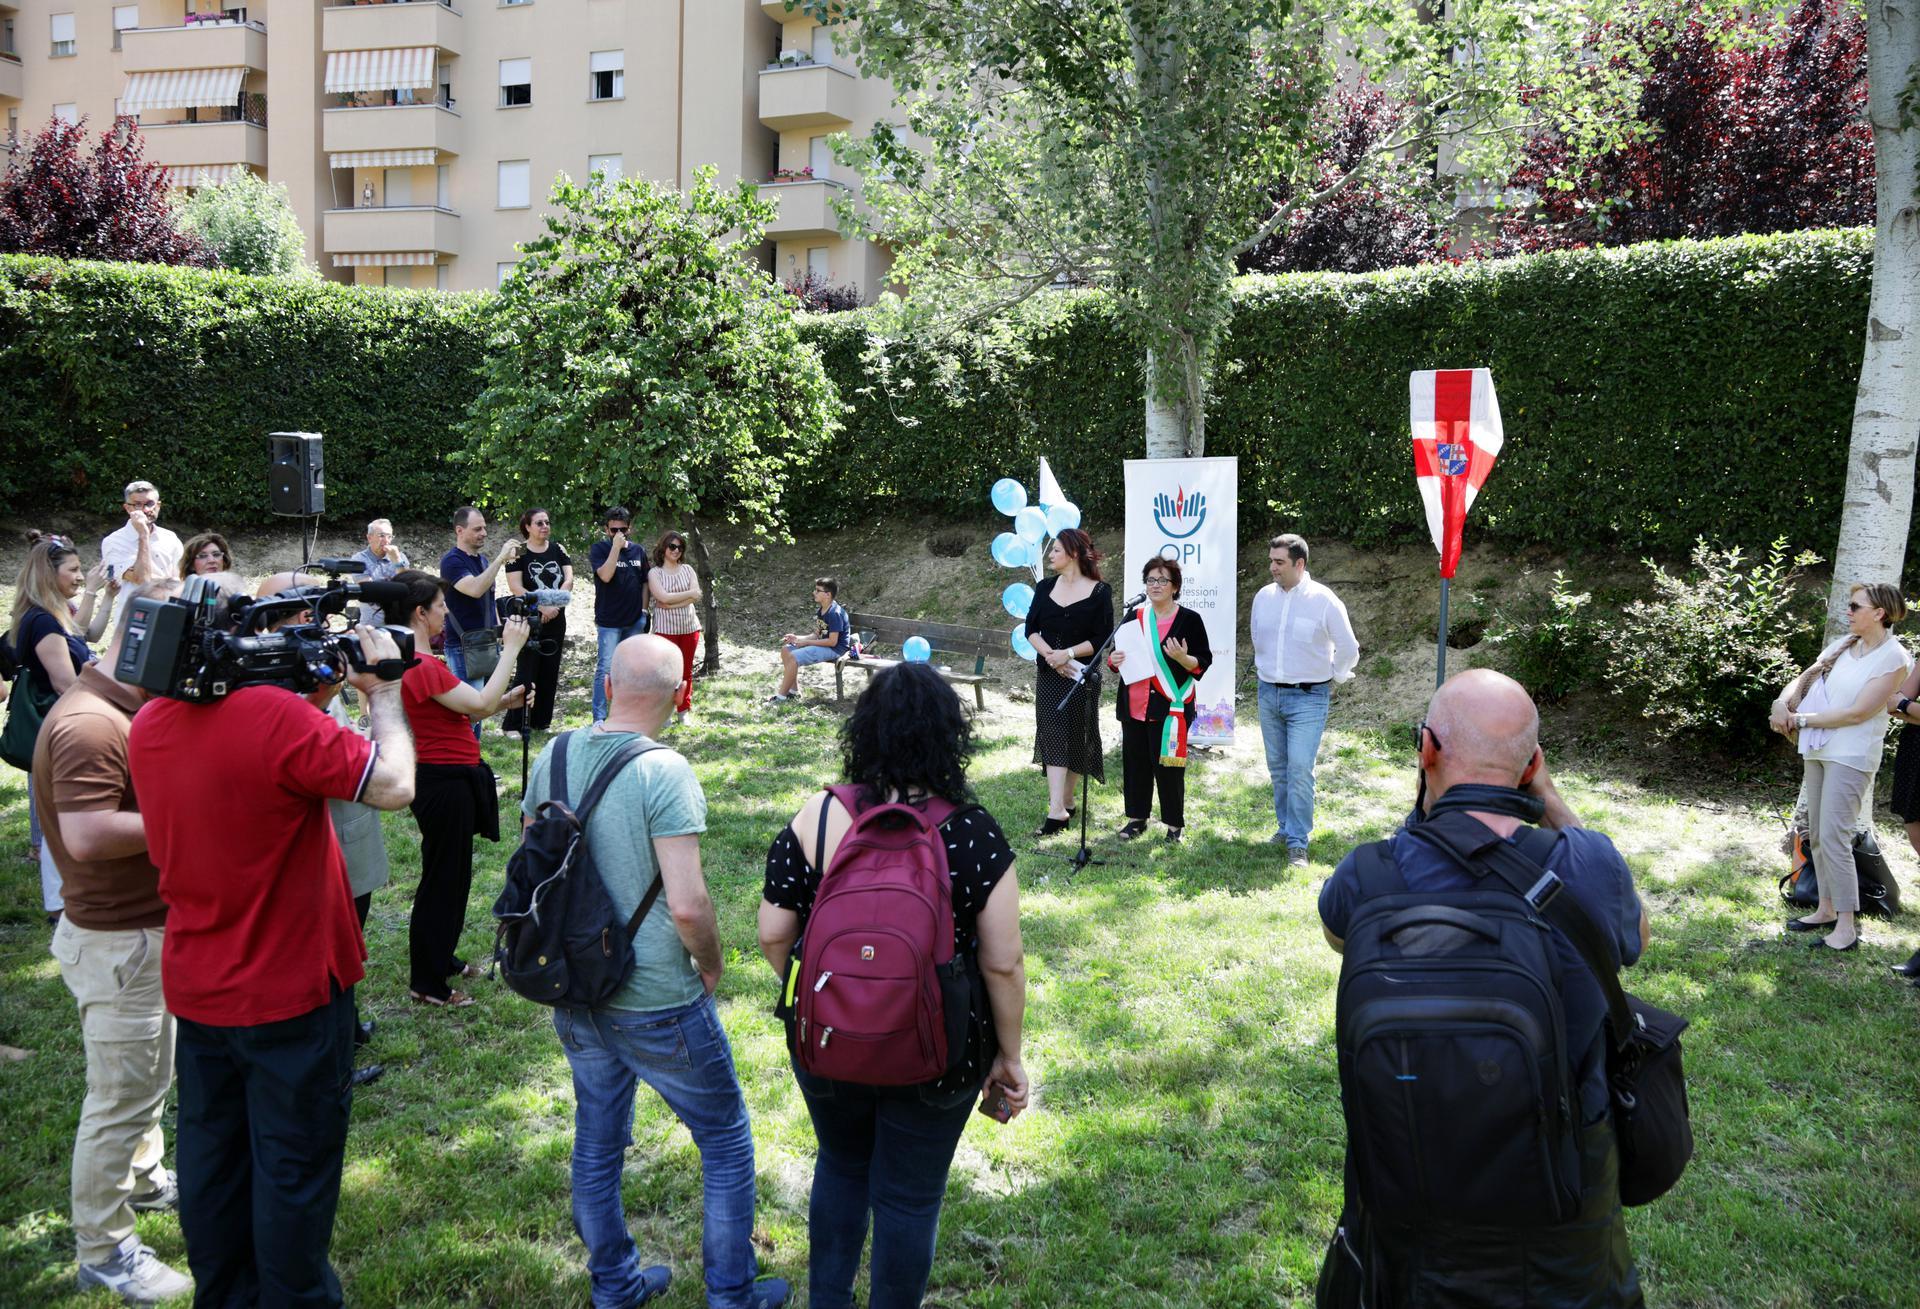 Gli Infermieri Bolognesi festeggiano Florence Nightingale: a lei dedicato un intero giardino pubblico.